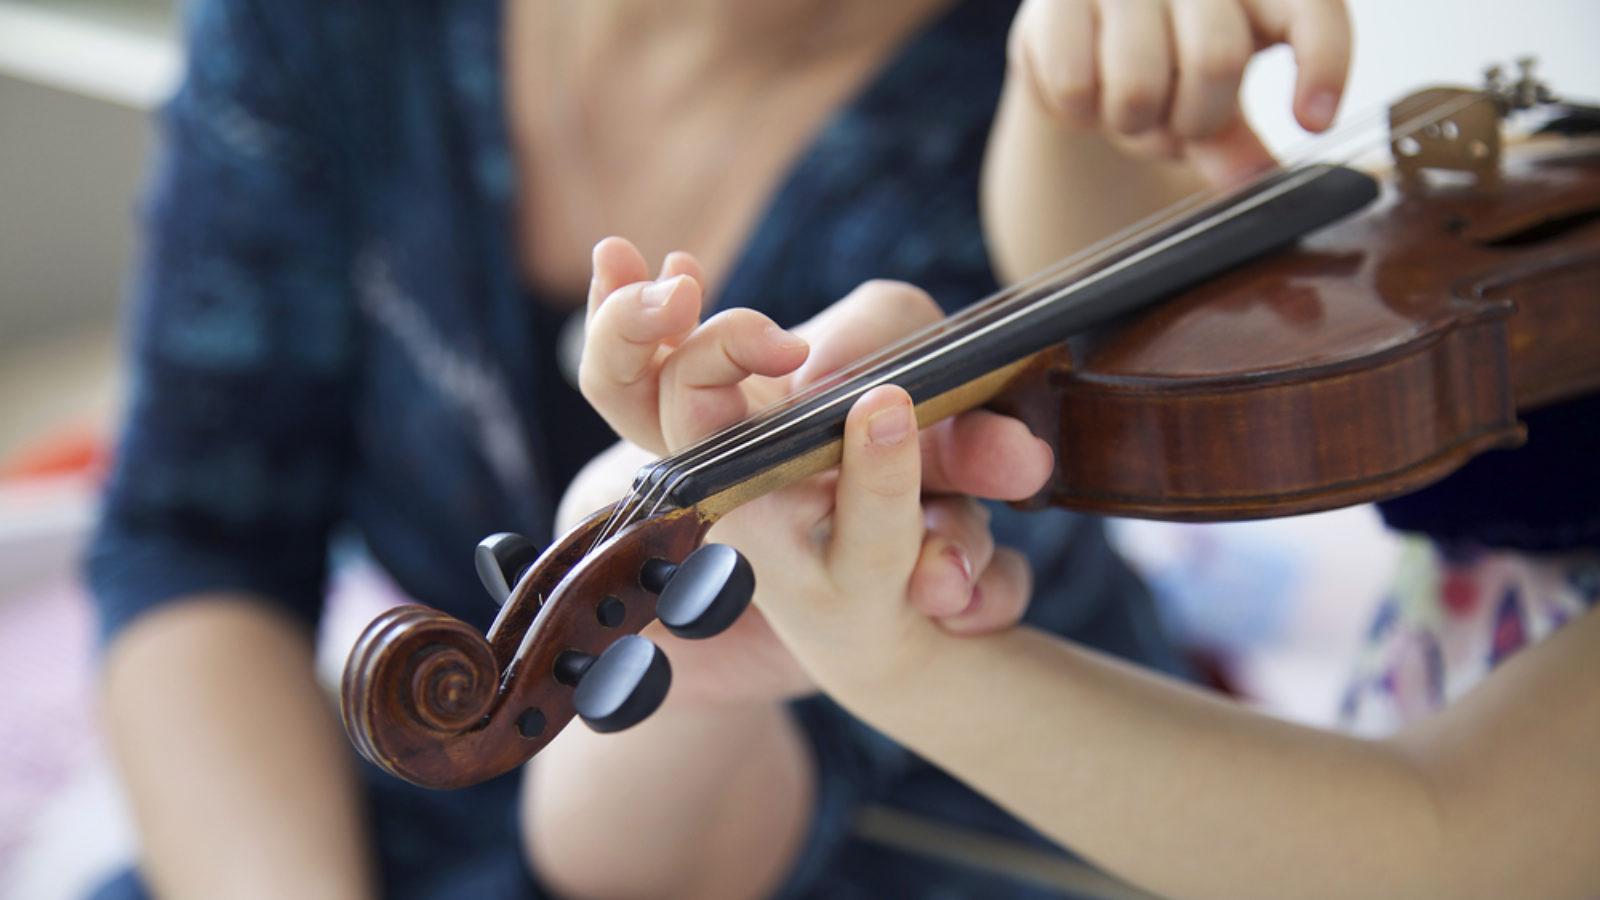 ヴァイオリン教室の月謝はいくら!?値段の相場と教室の選び方を現役講師が解説するよ